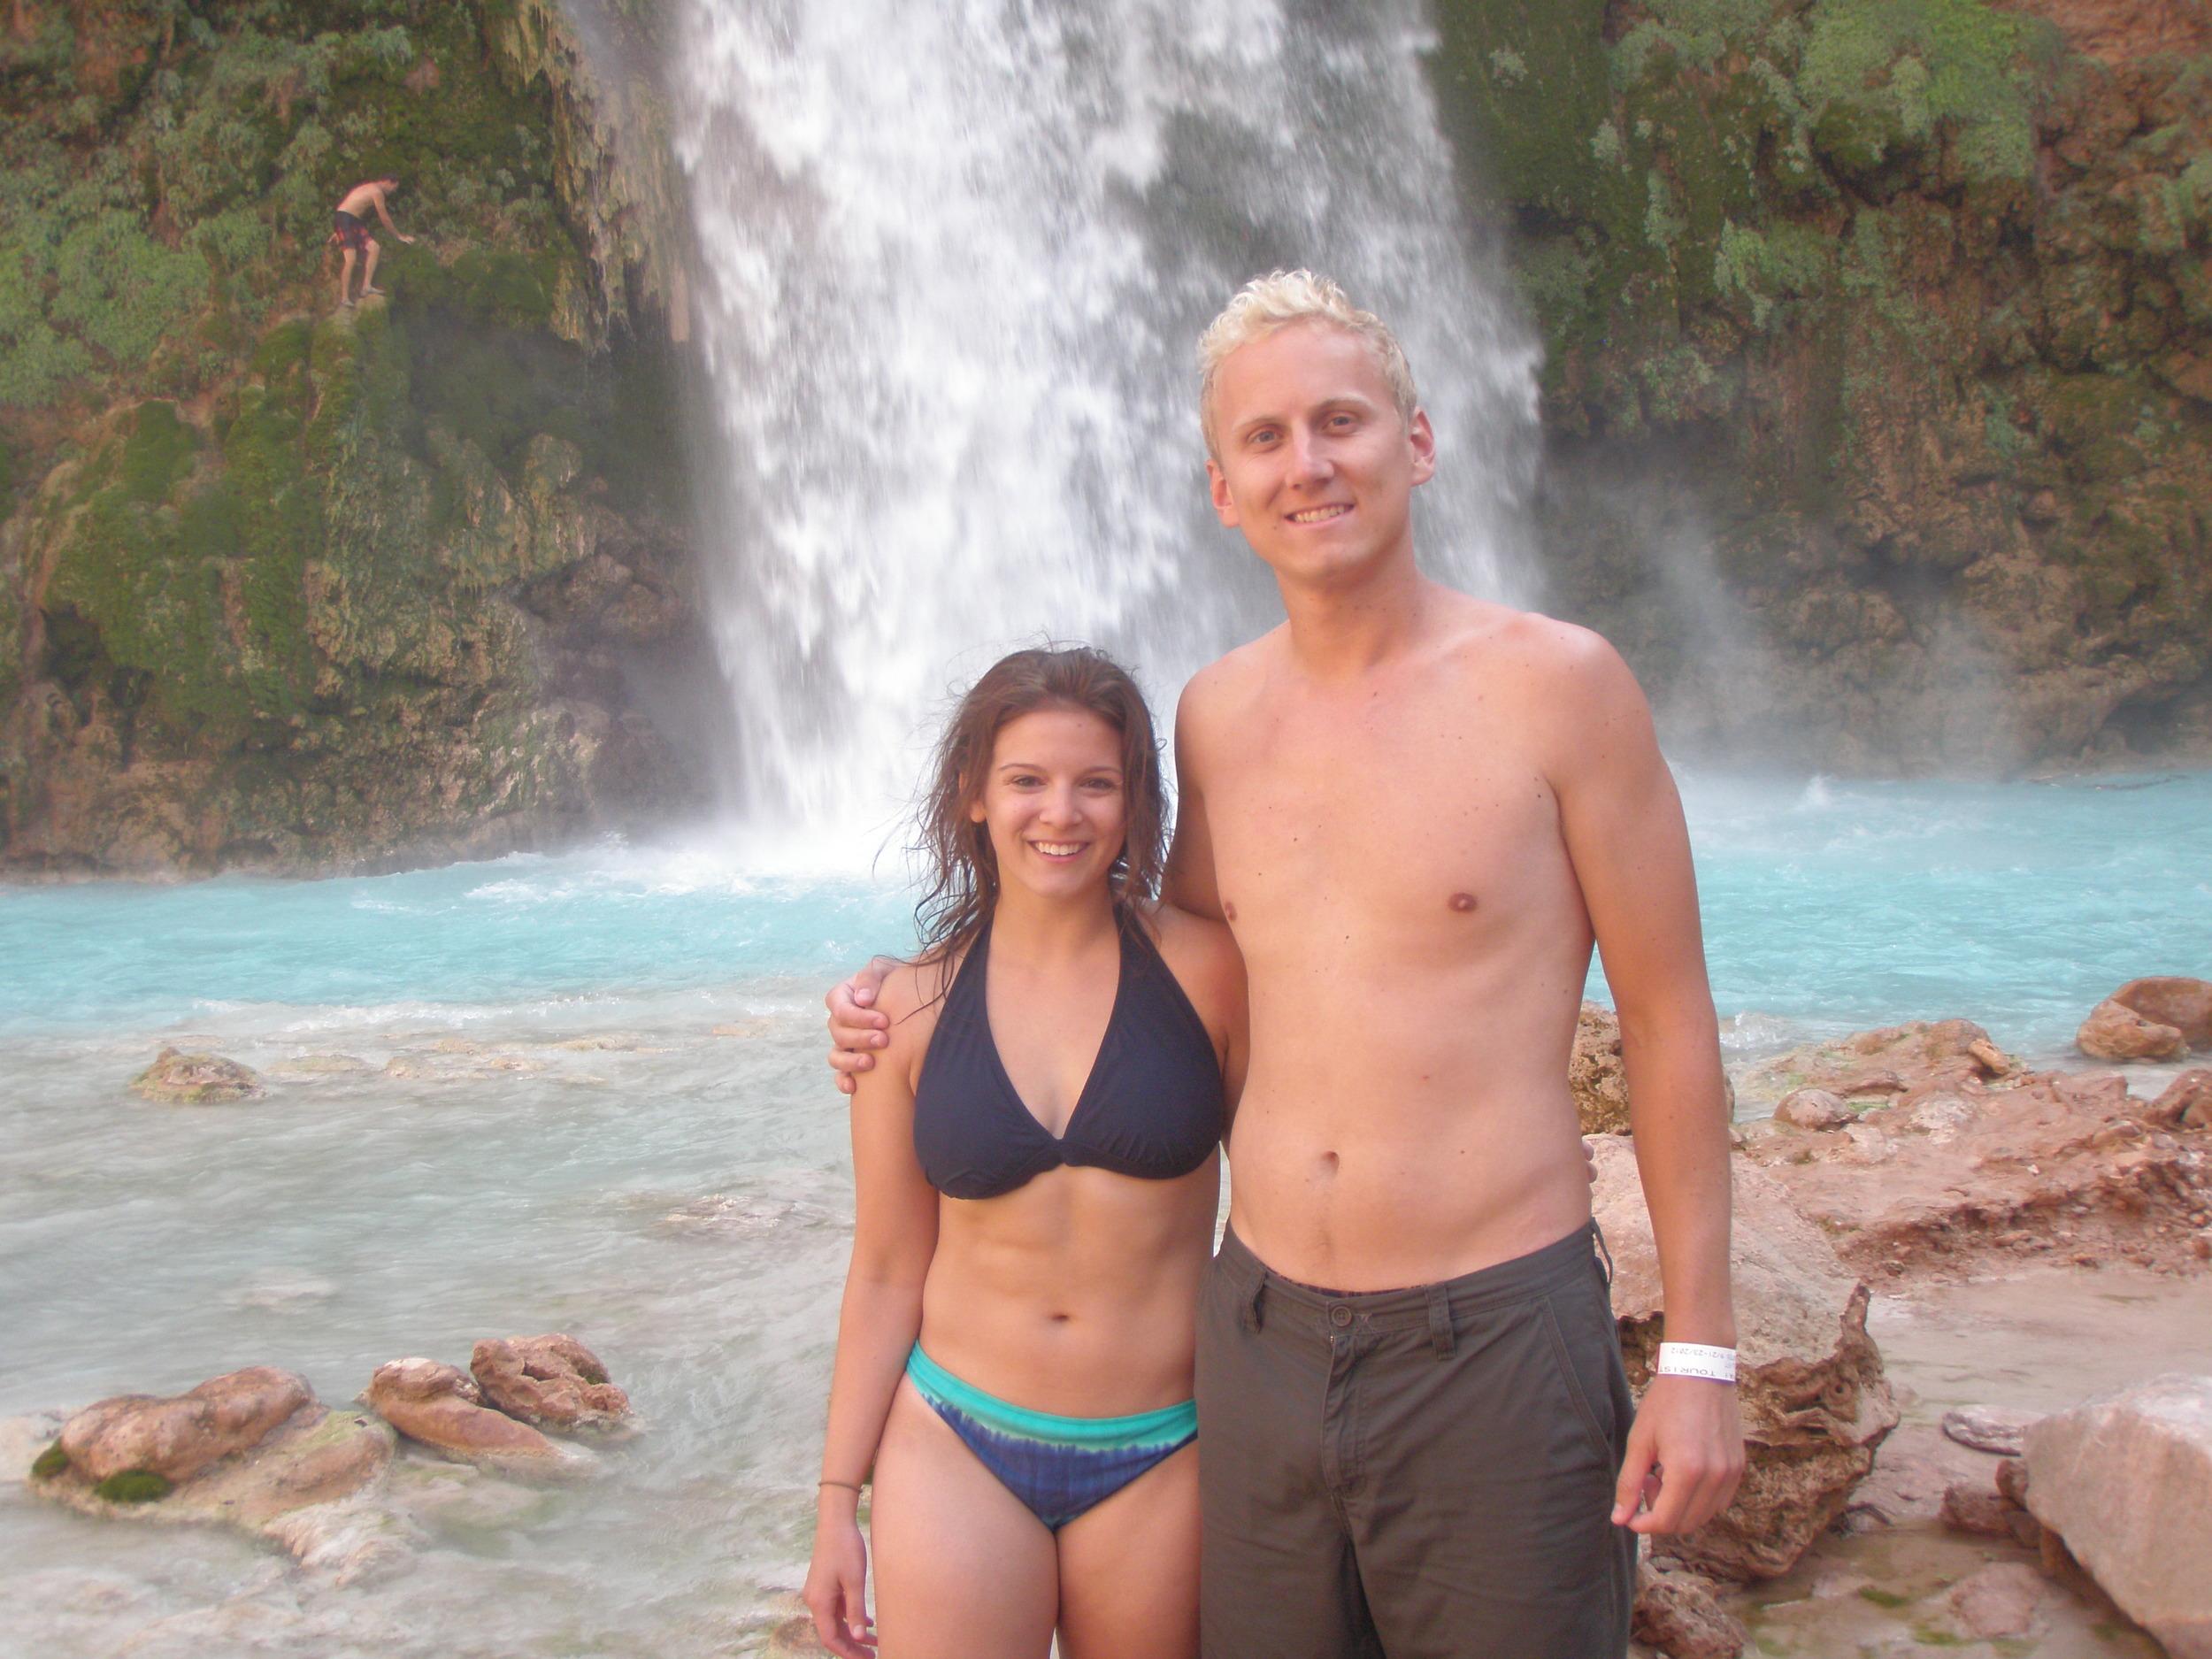 At the base of Havasu falls